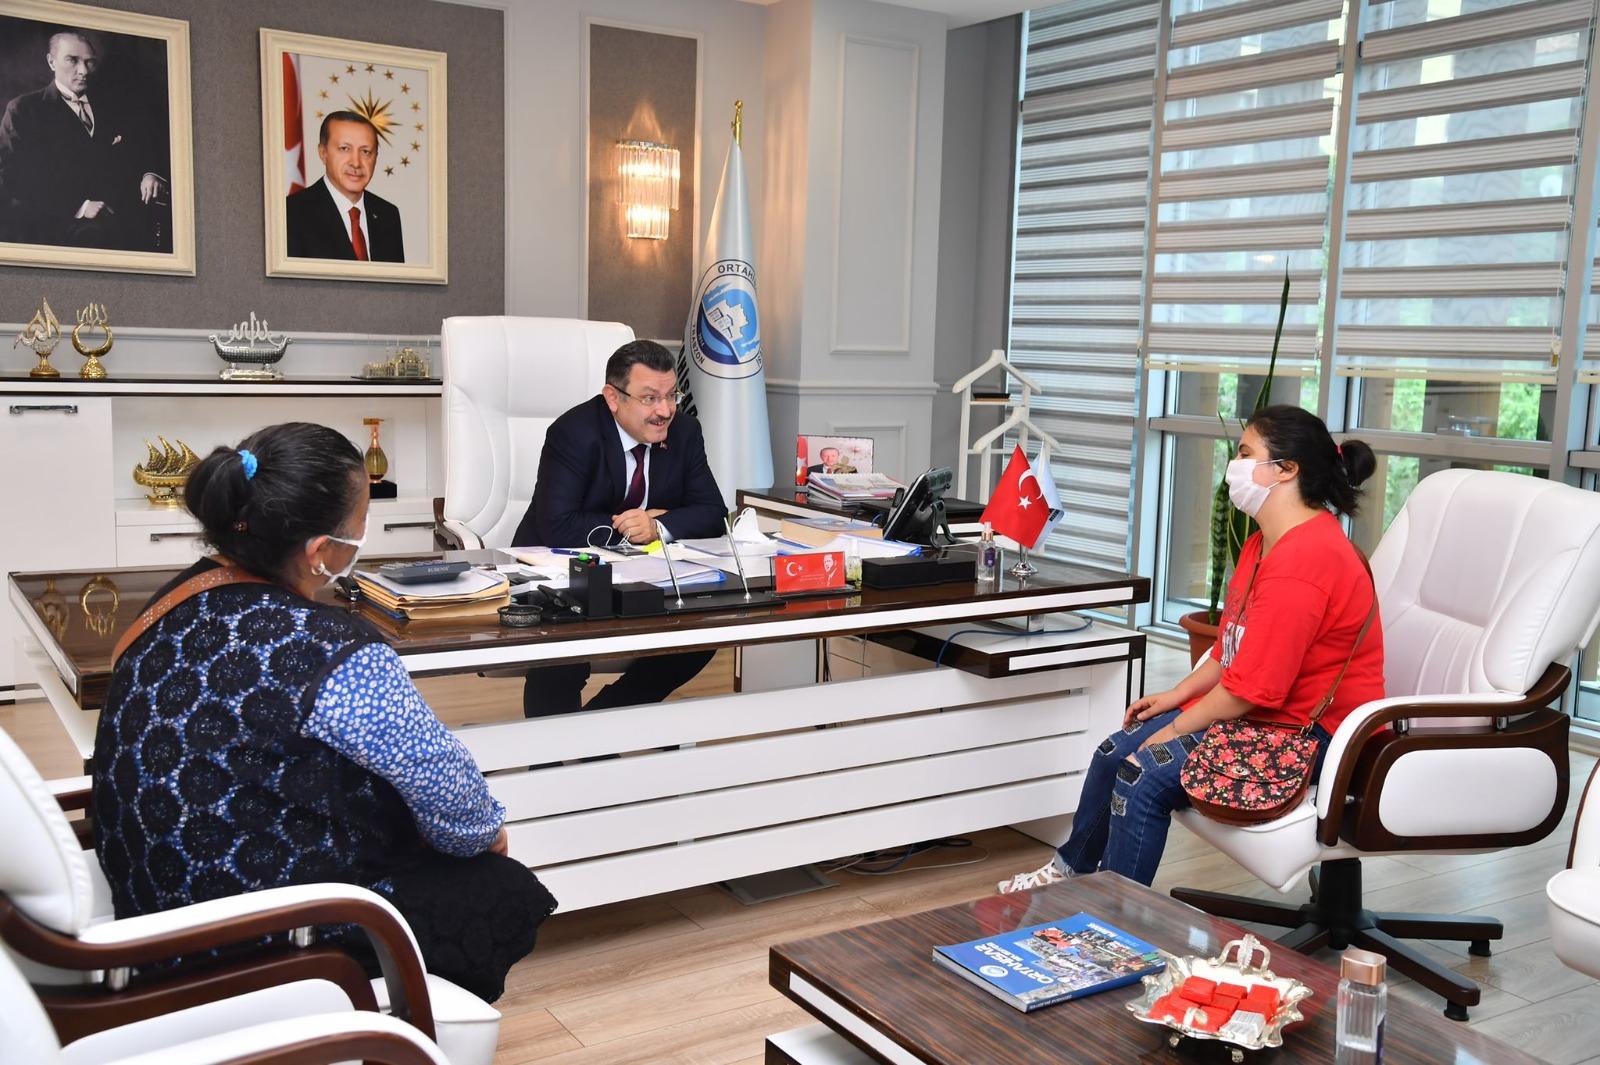 Ortahisar Belediye Başkanı Ahmet Metin Genç, engelli gence tablet hediye etti